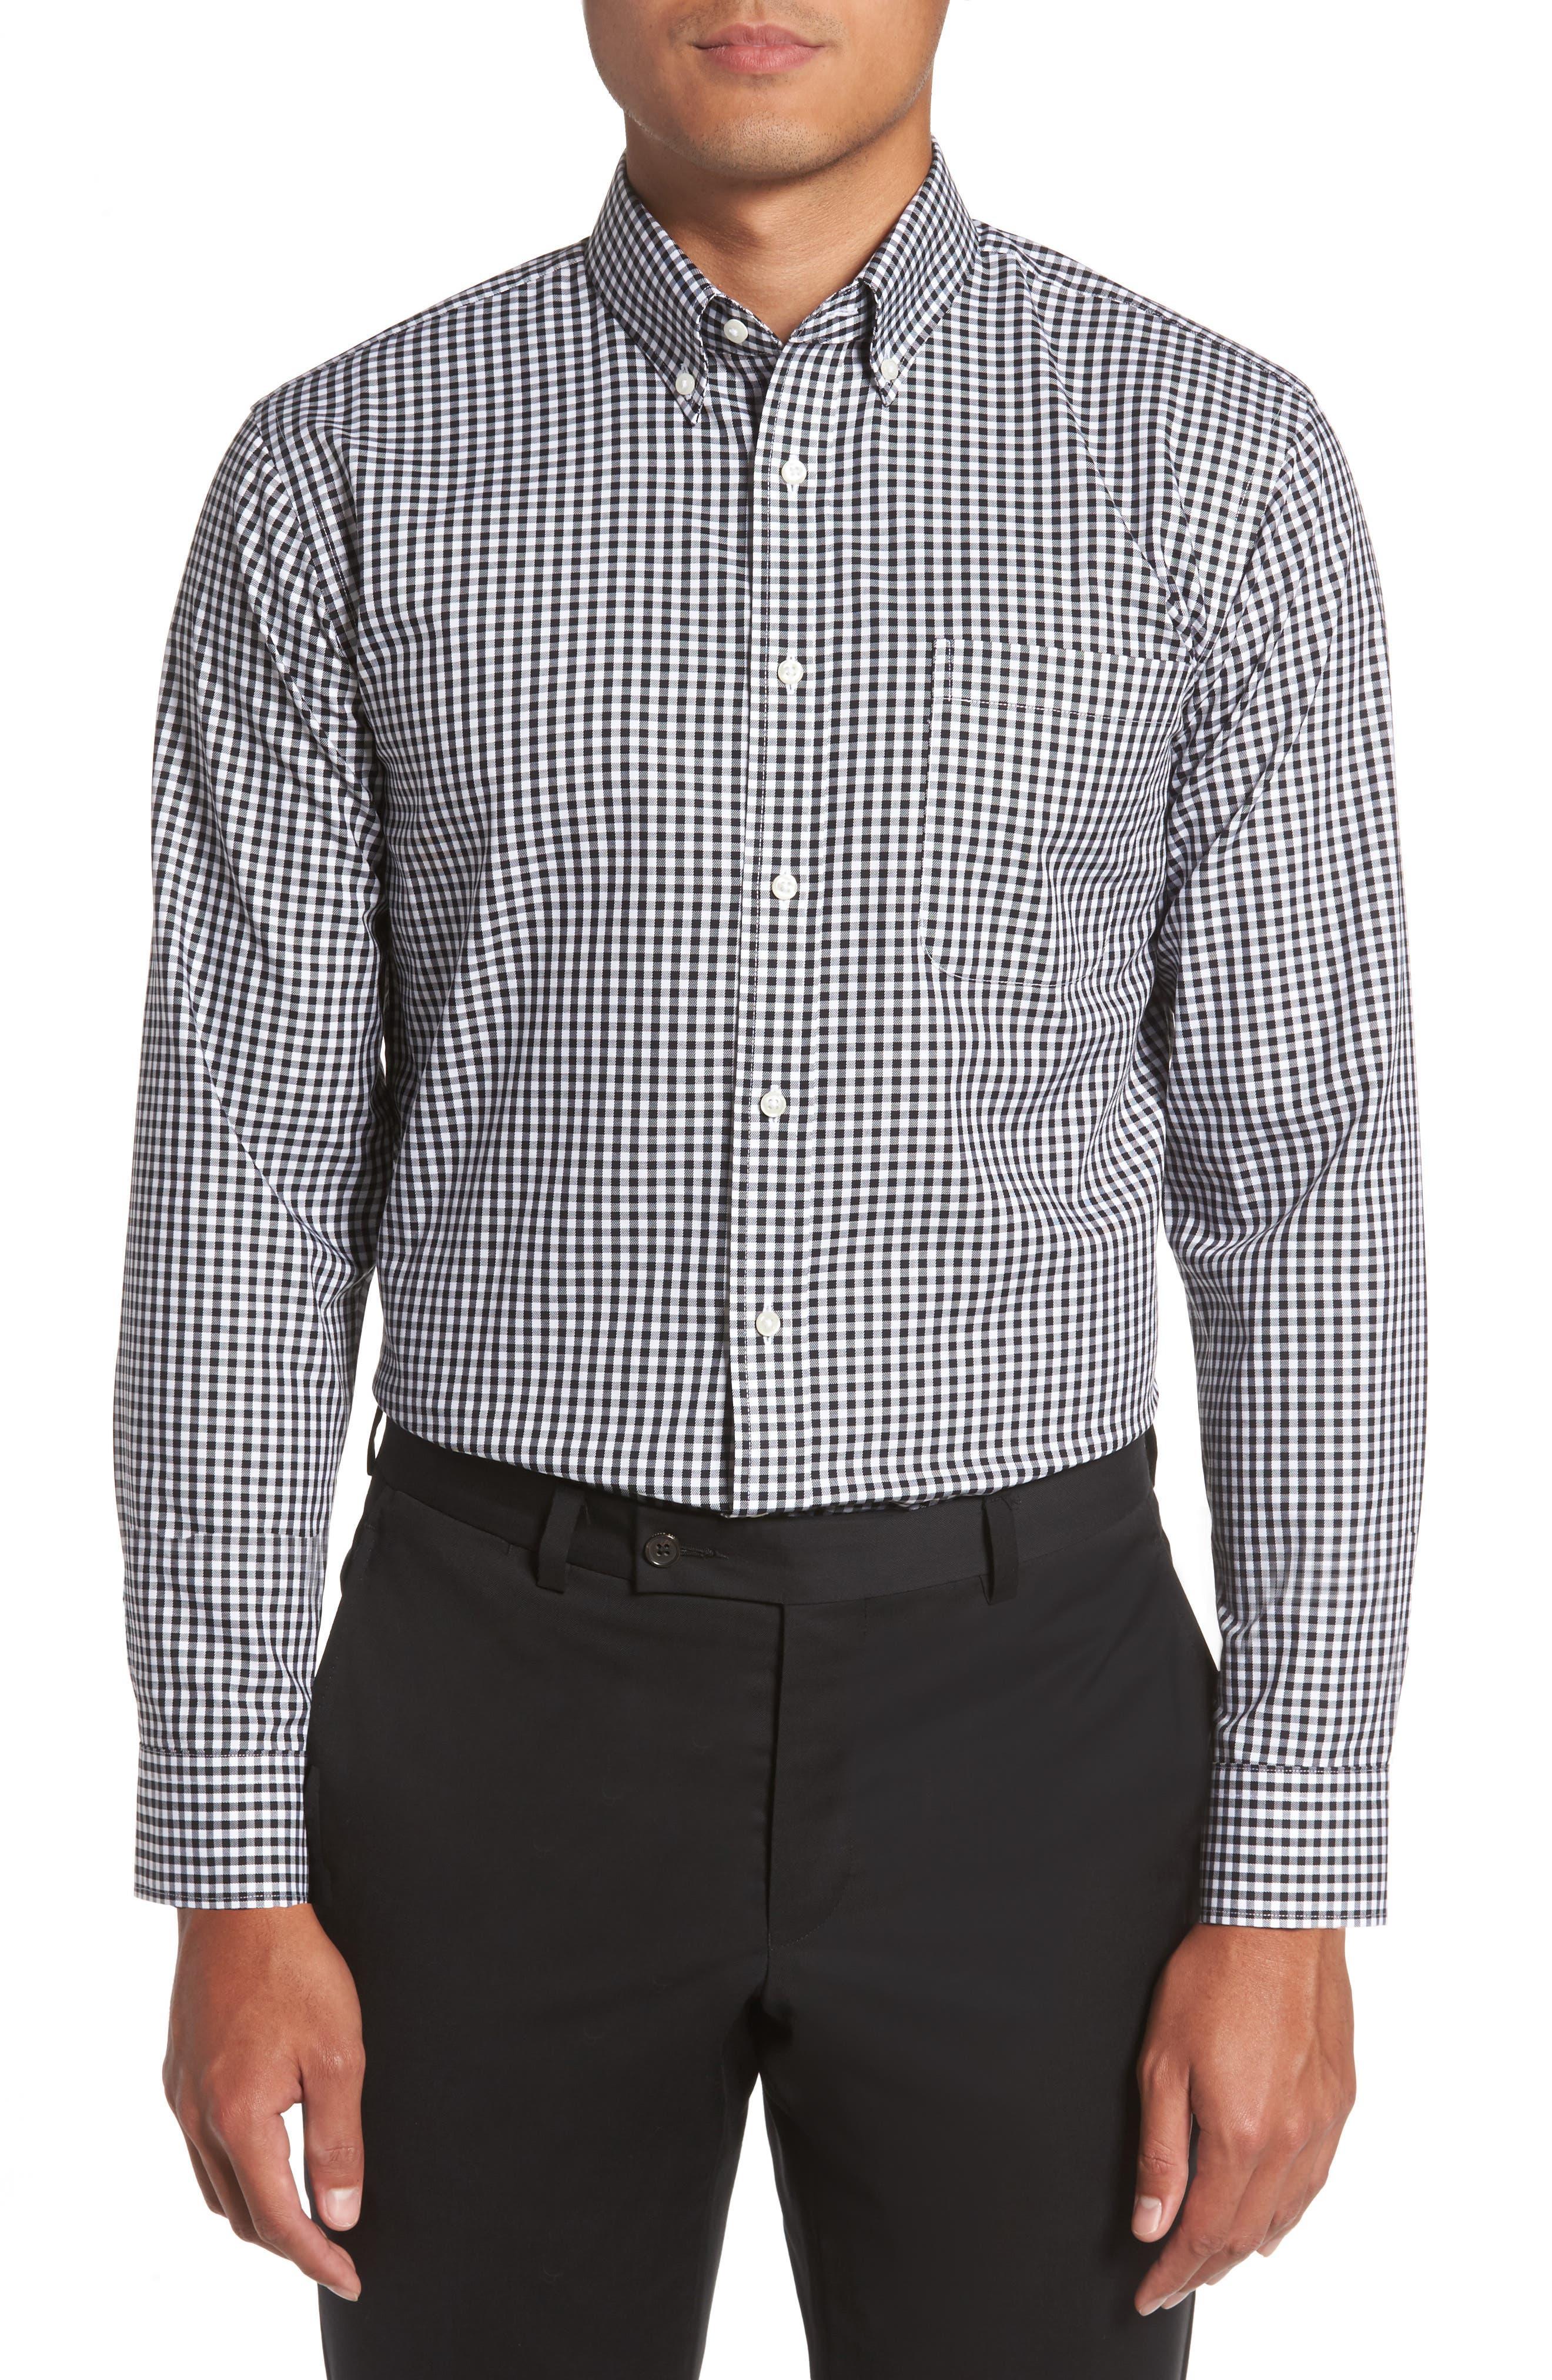 Trim Fit Non-Iron Gingham Dress Shirt, Main, color, BLACK ROCK